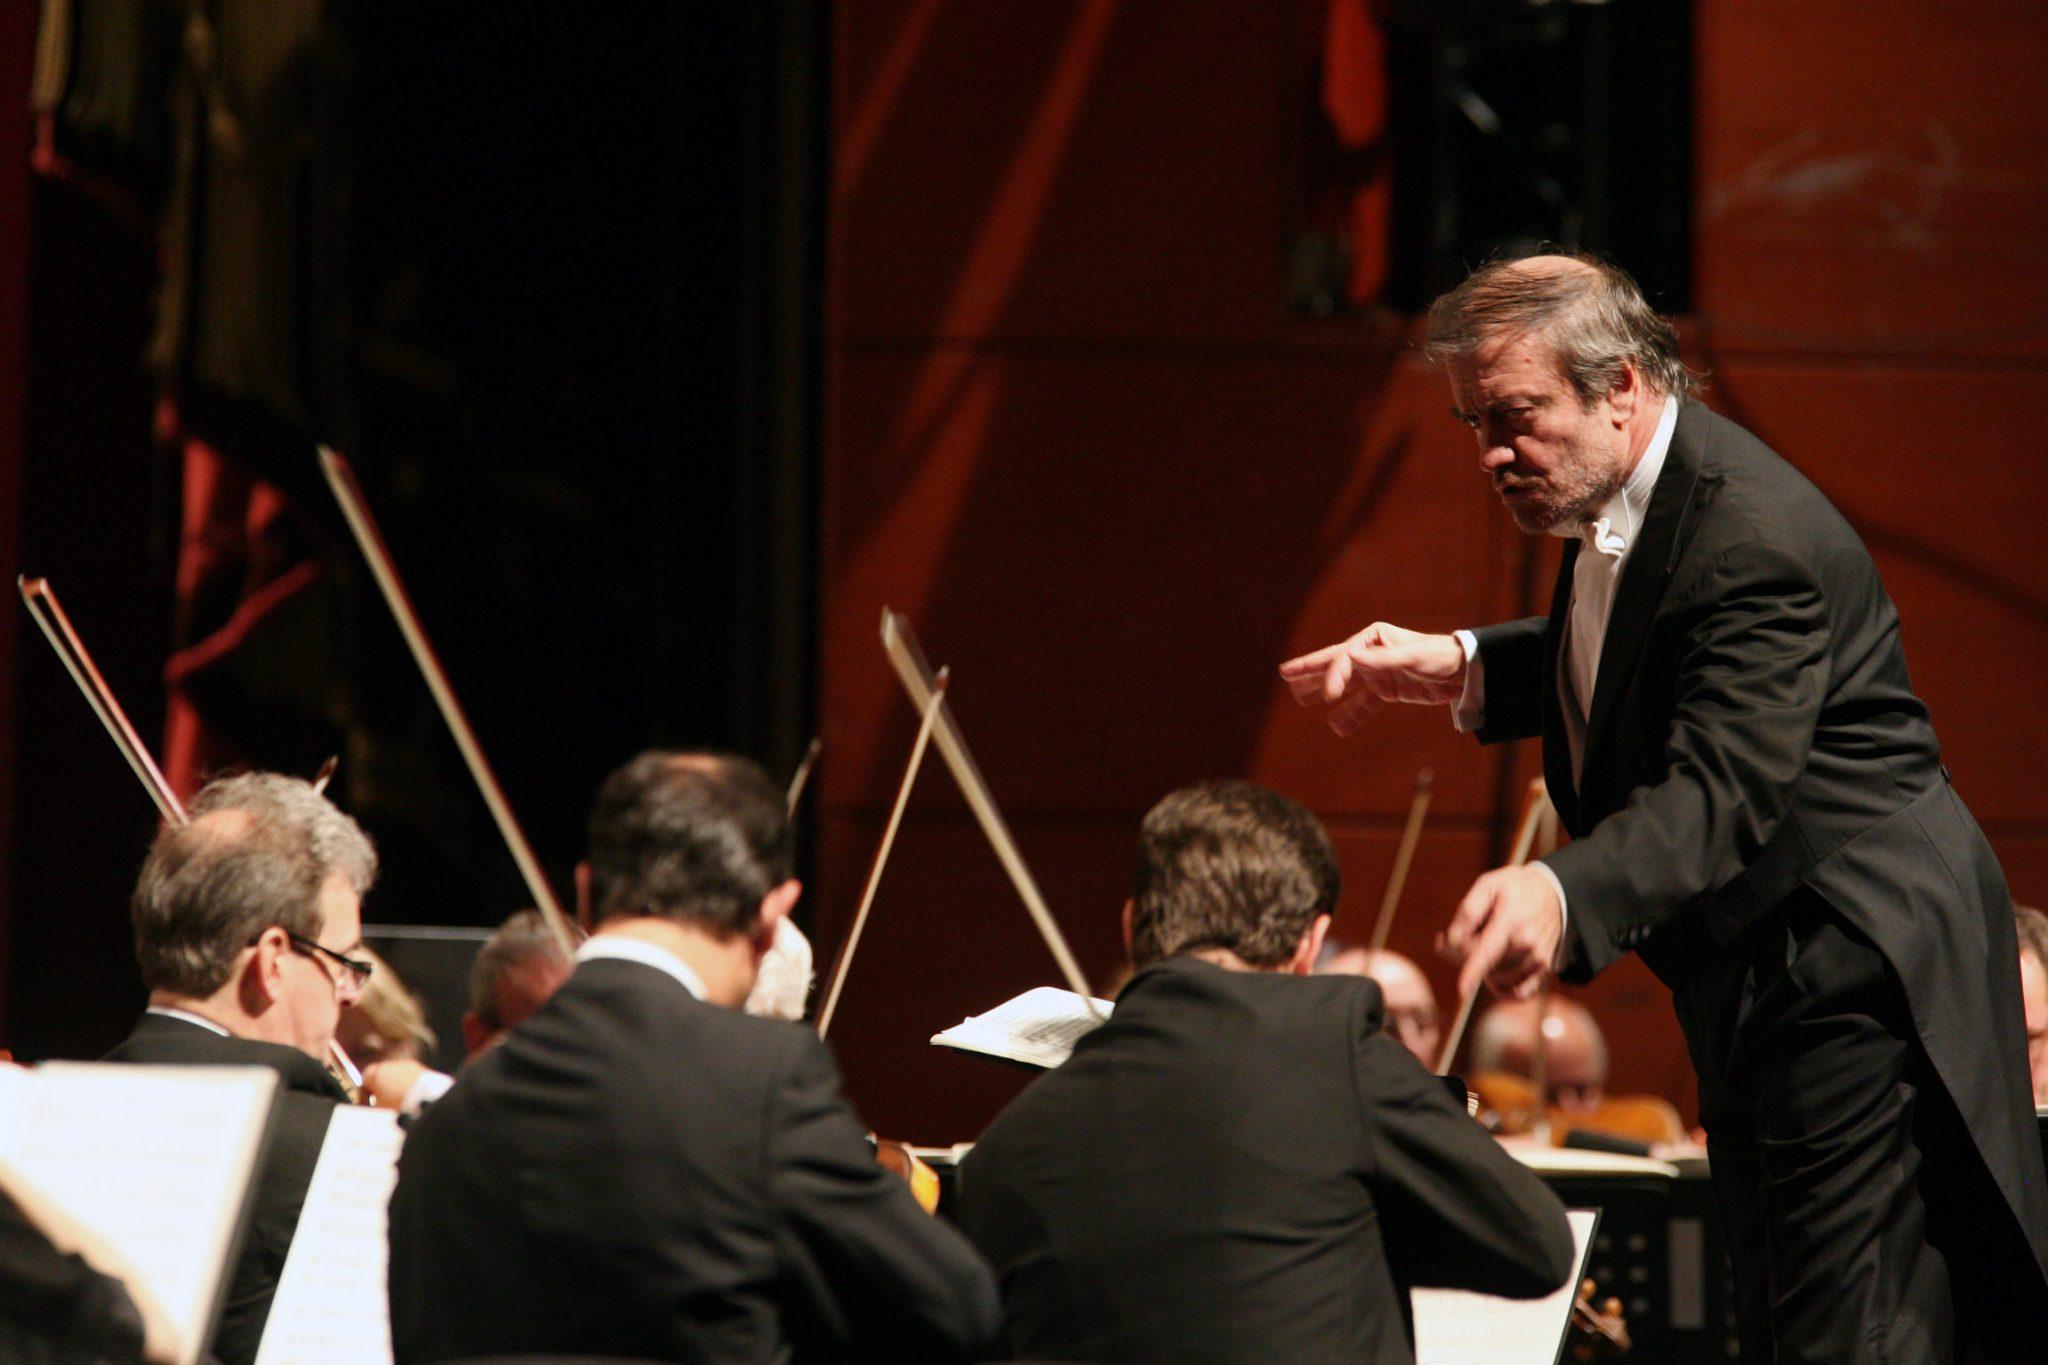 Un direttore d'orchestra, simbolo dei nuovi manager aziendali